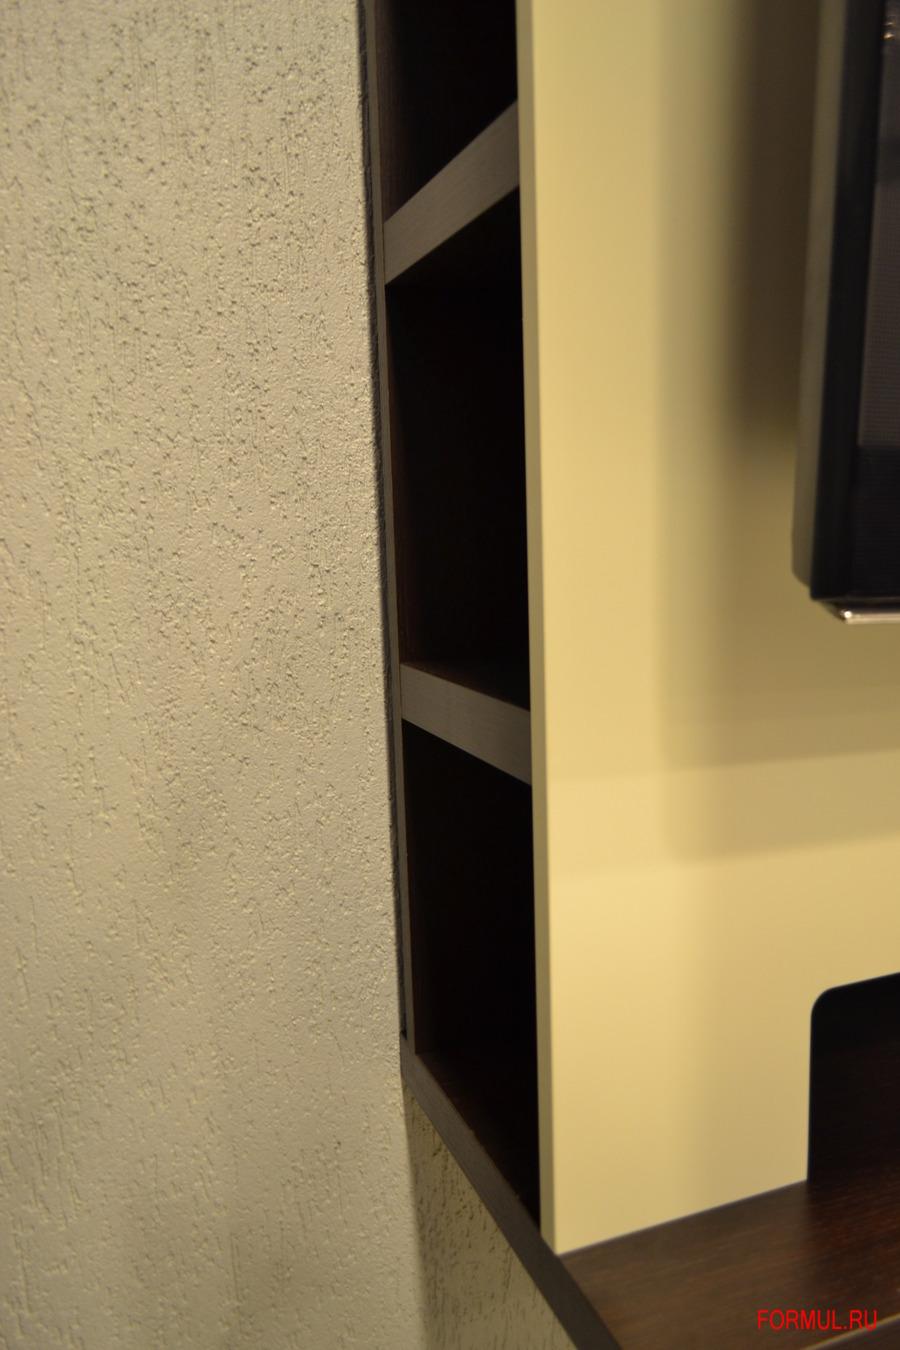 Панель настенная Spar для TV - цвет wenge. фасад Tortora opaco